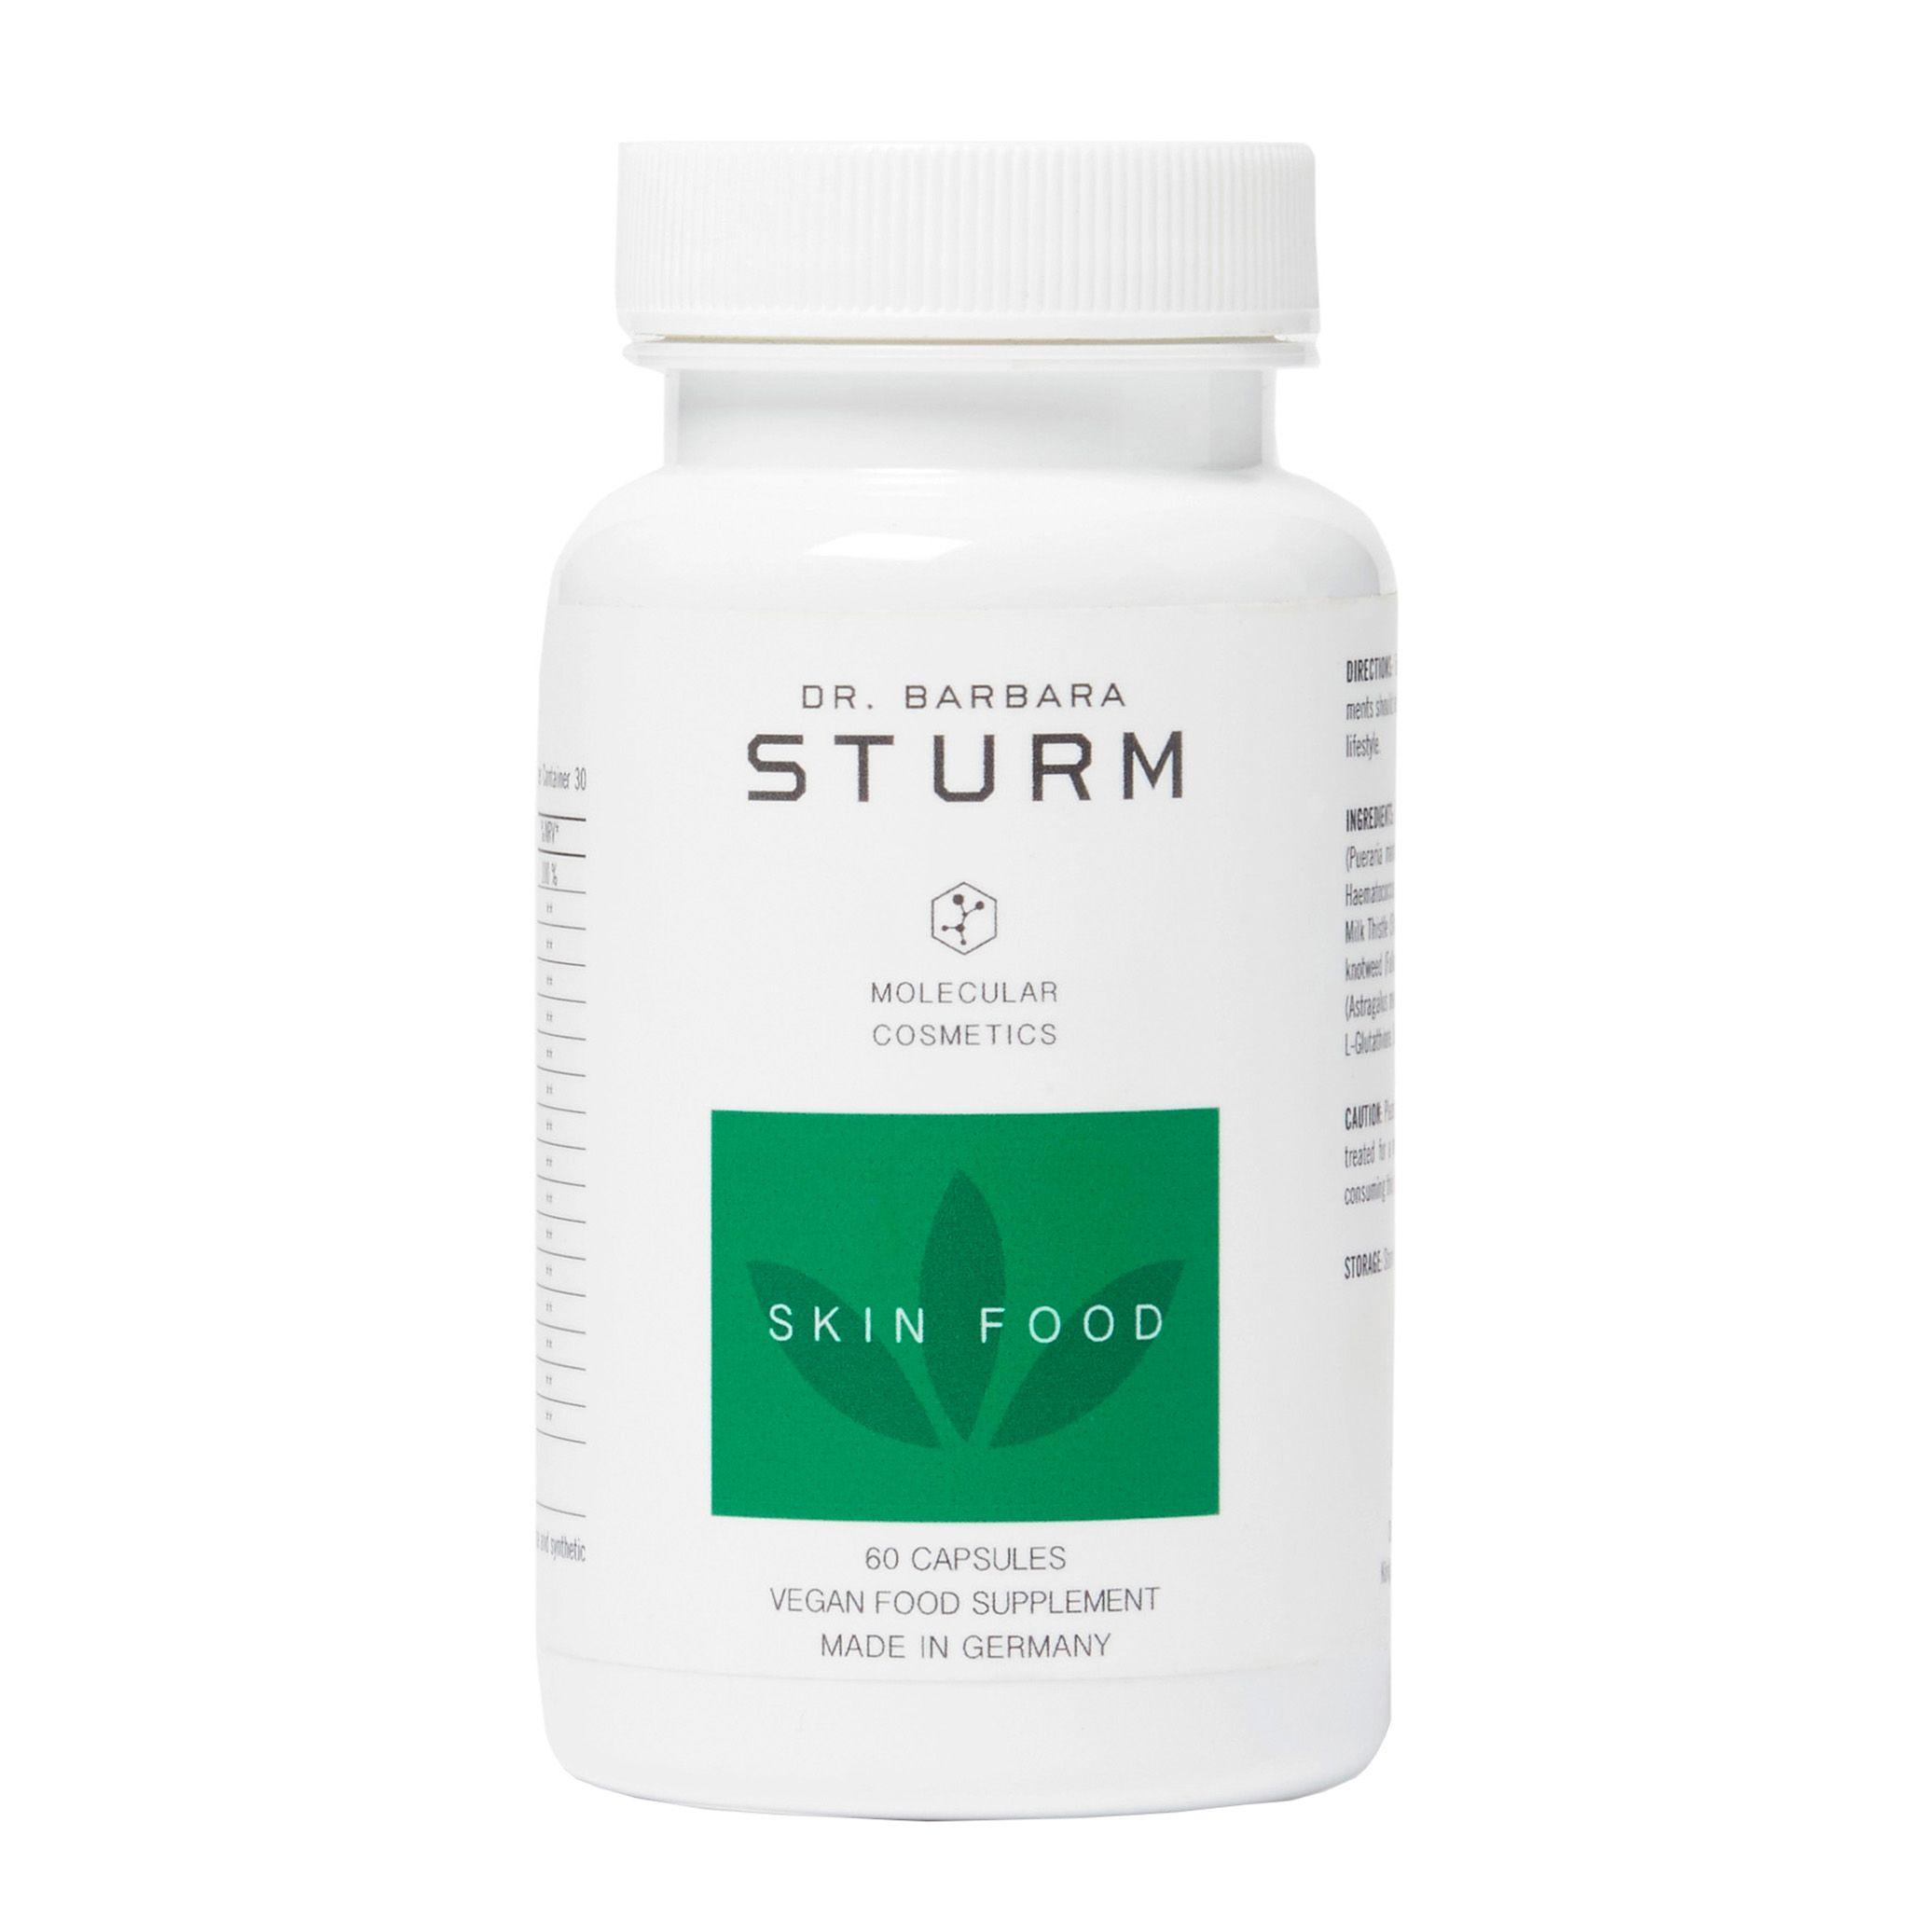 Dr. Barbara Sturm Skin Food 60 Capsules